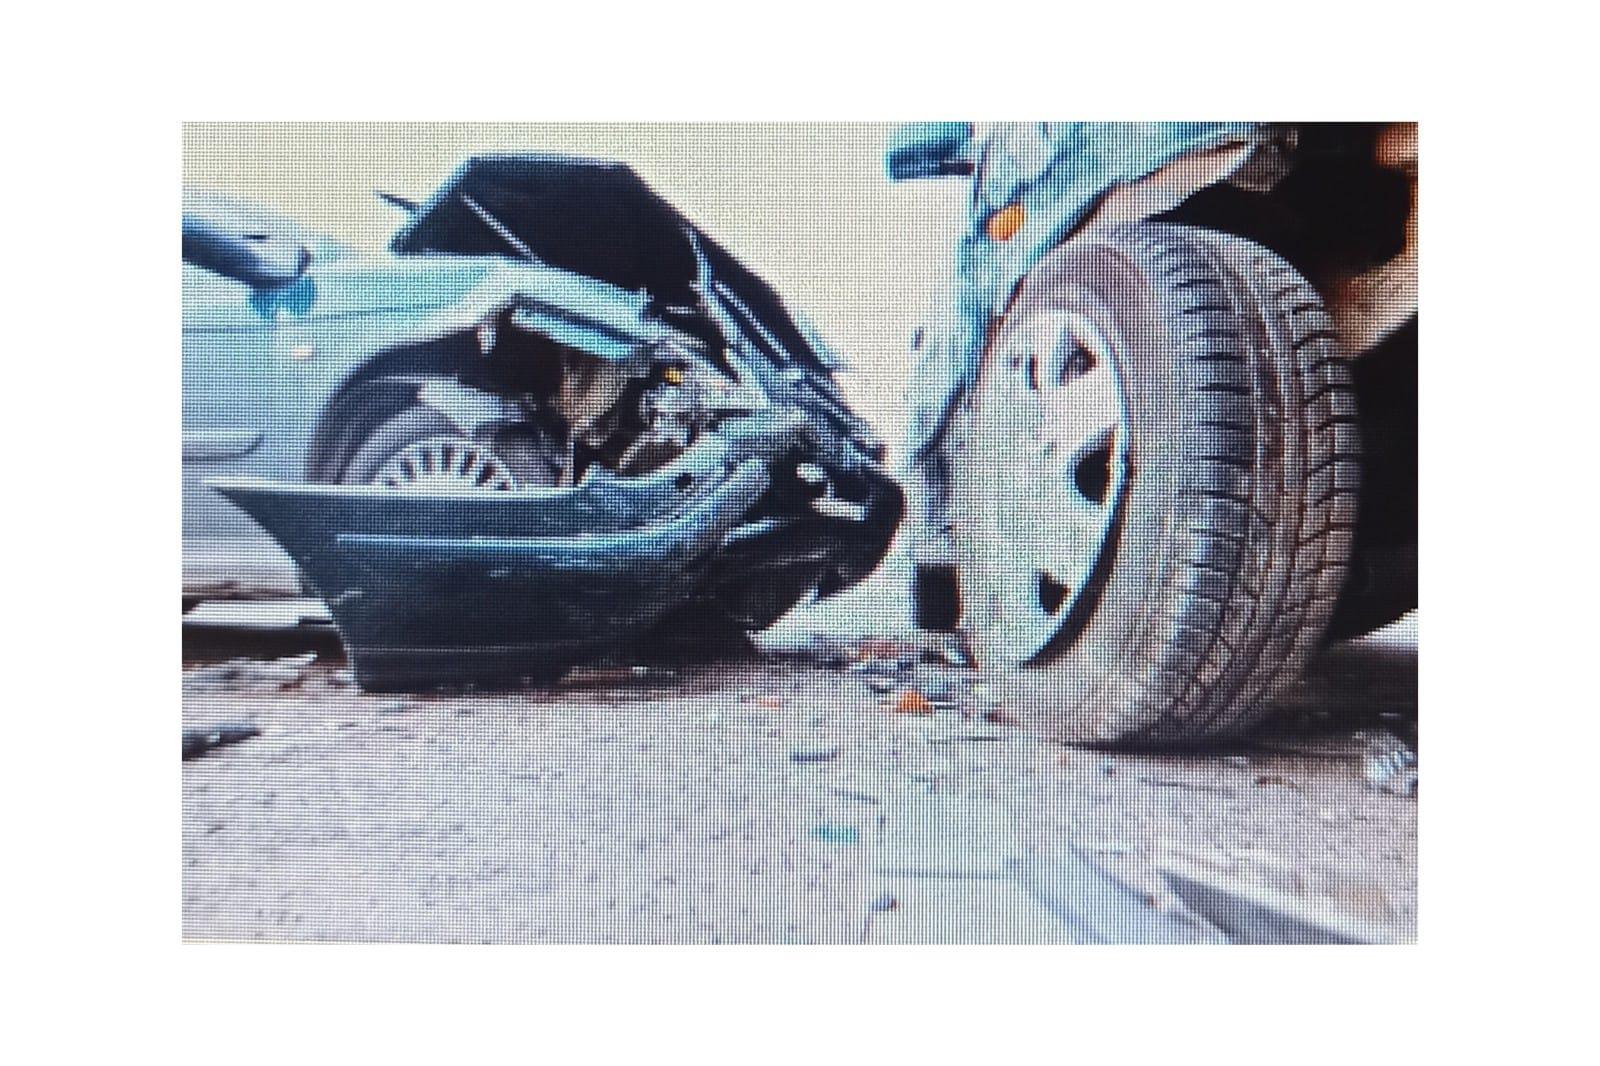 Kazada 1 kişi yaralandı.